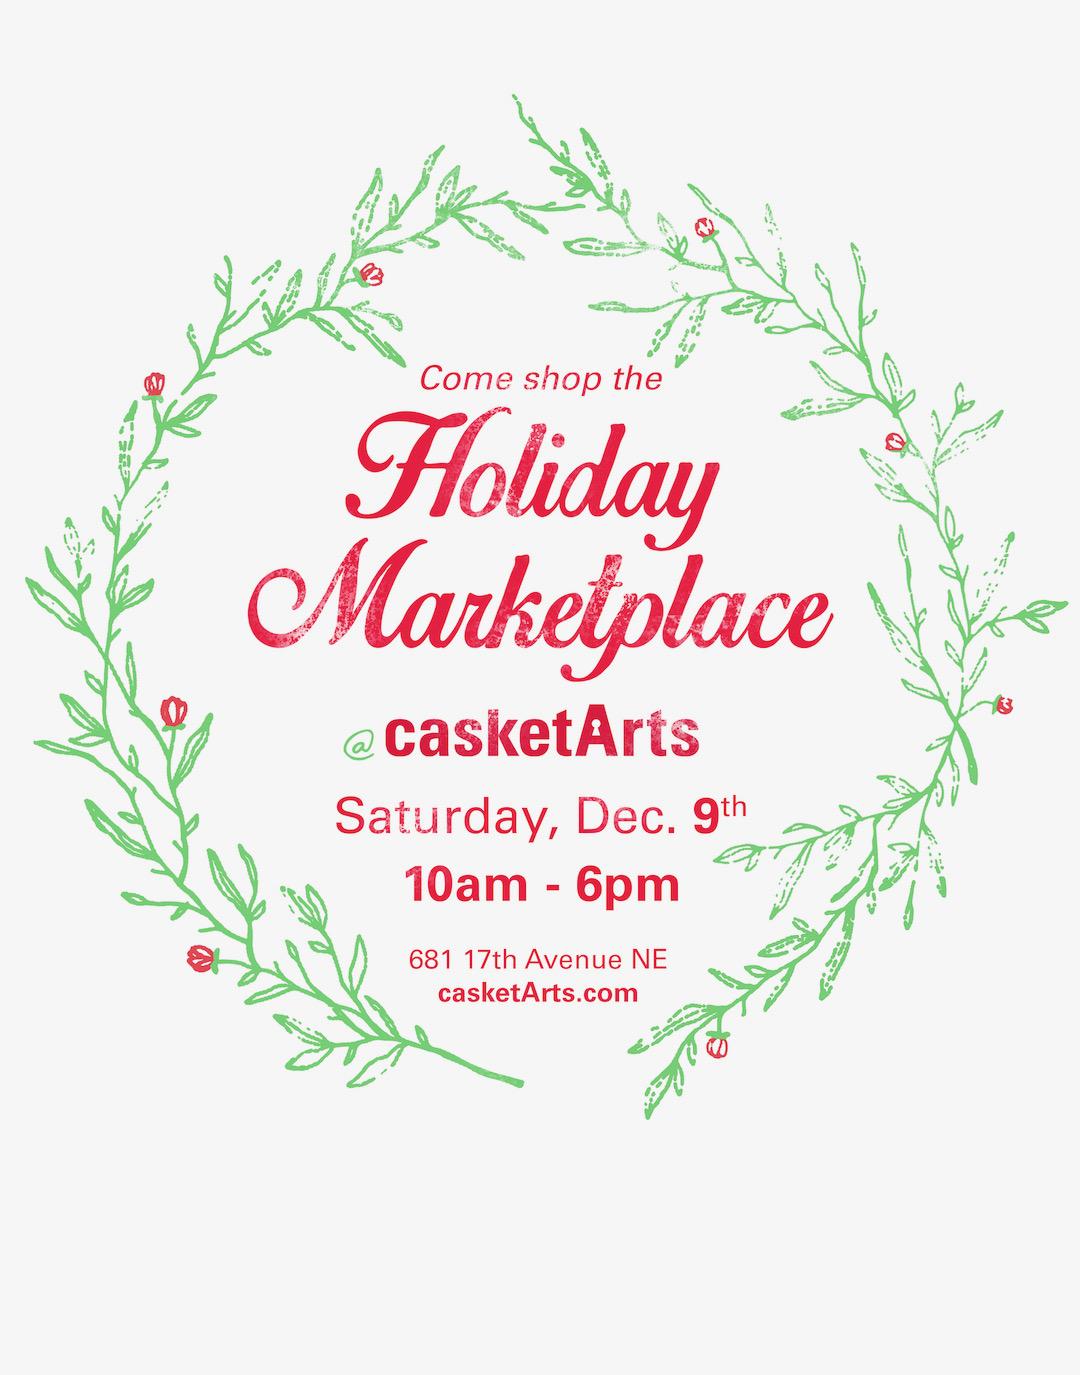 holidaymarketplace2017g copy.jpg